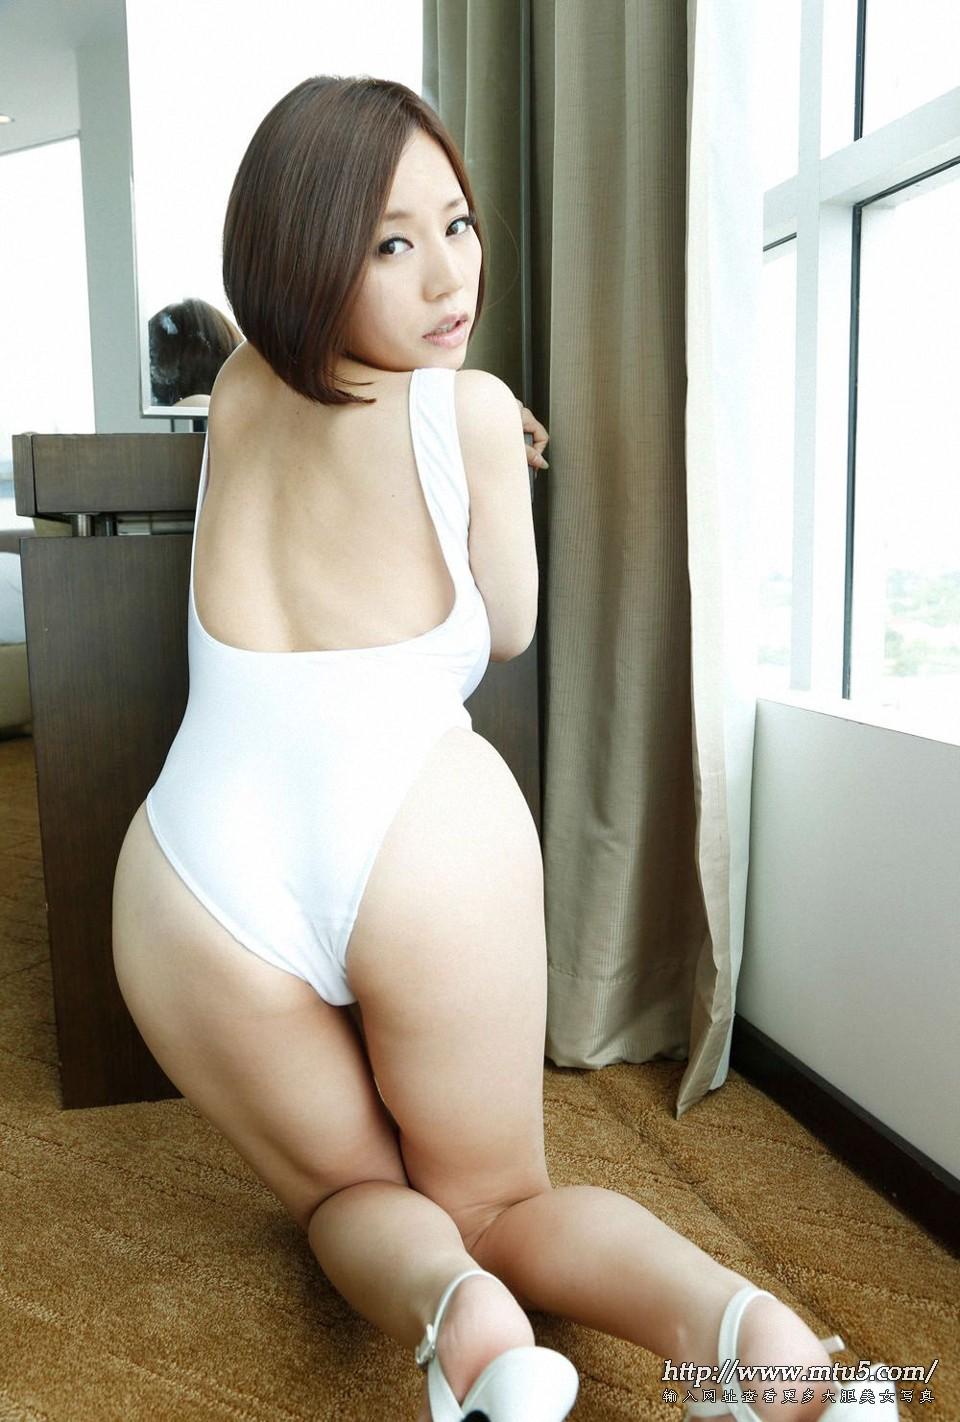 日本巨乳翘臀少妇私房图